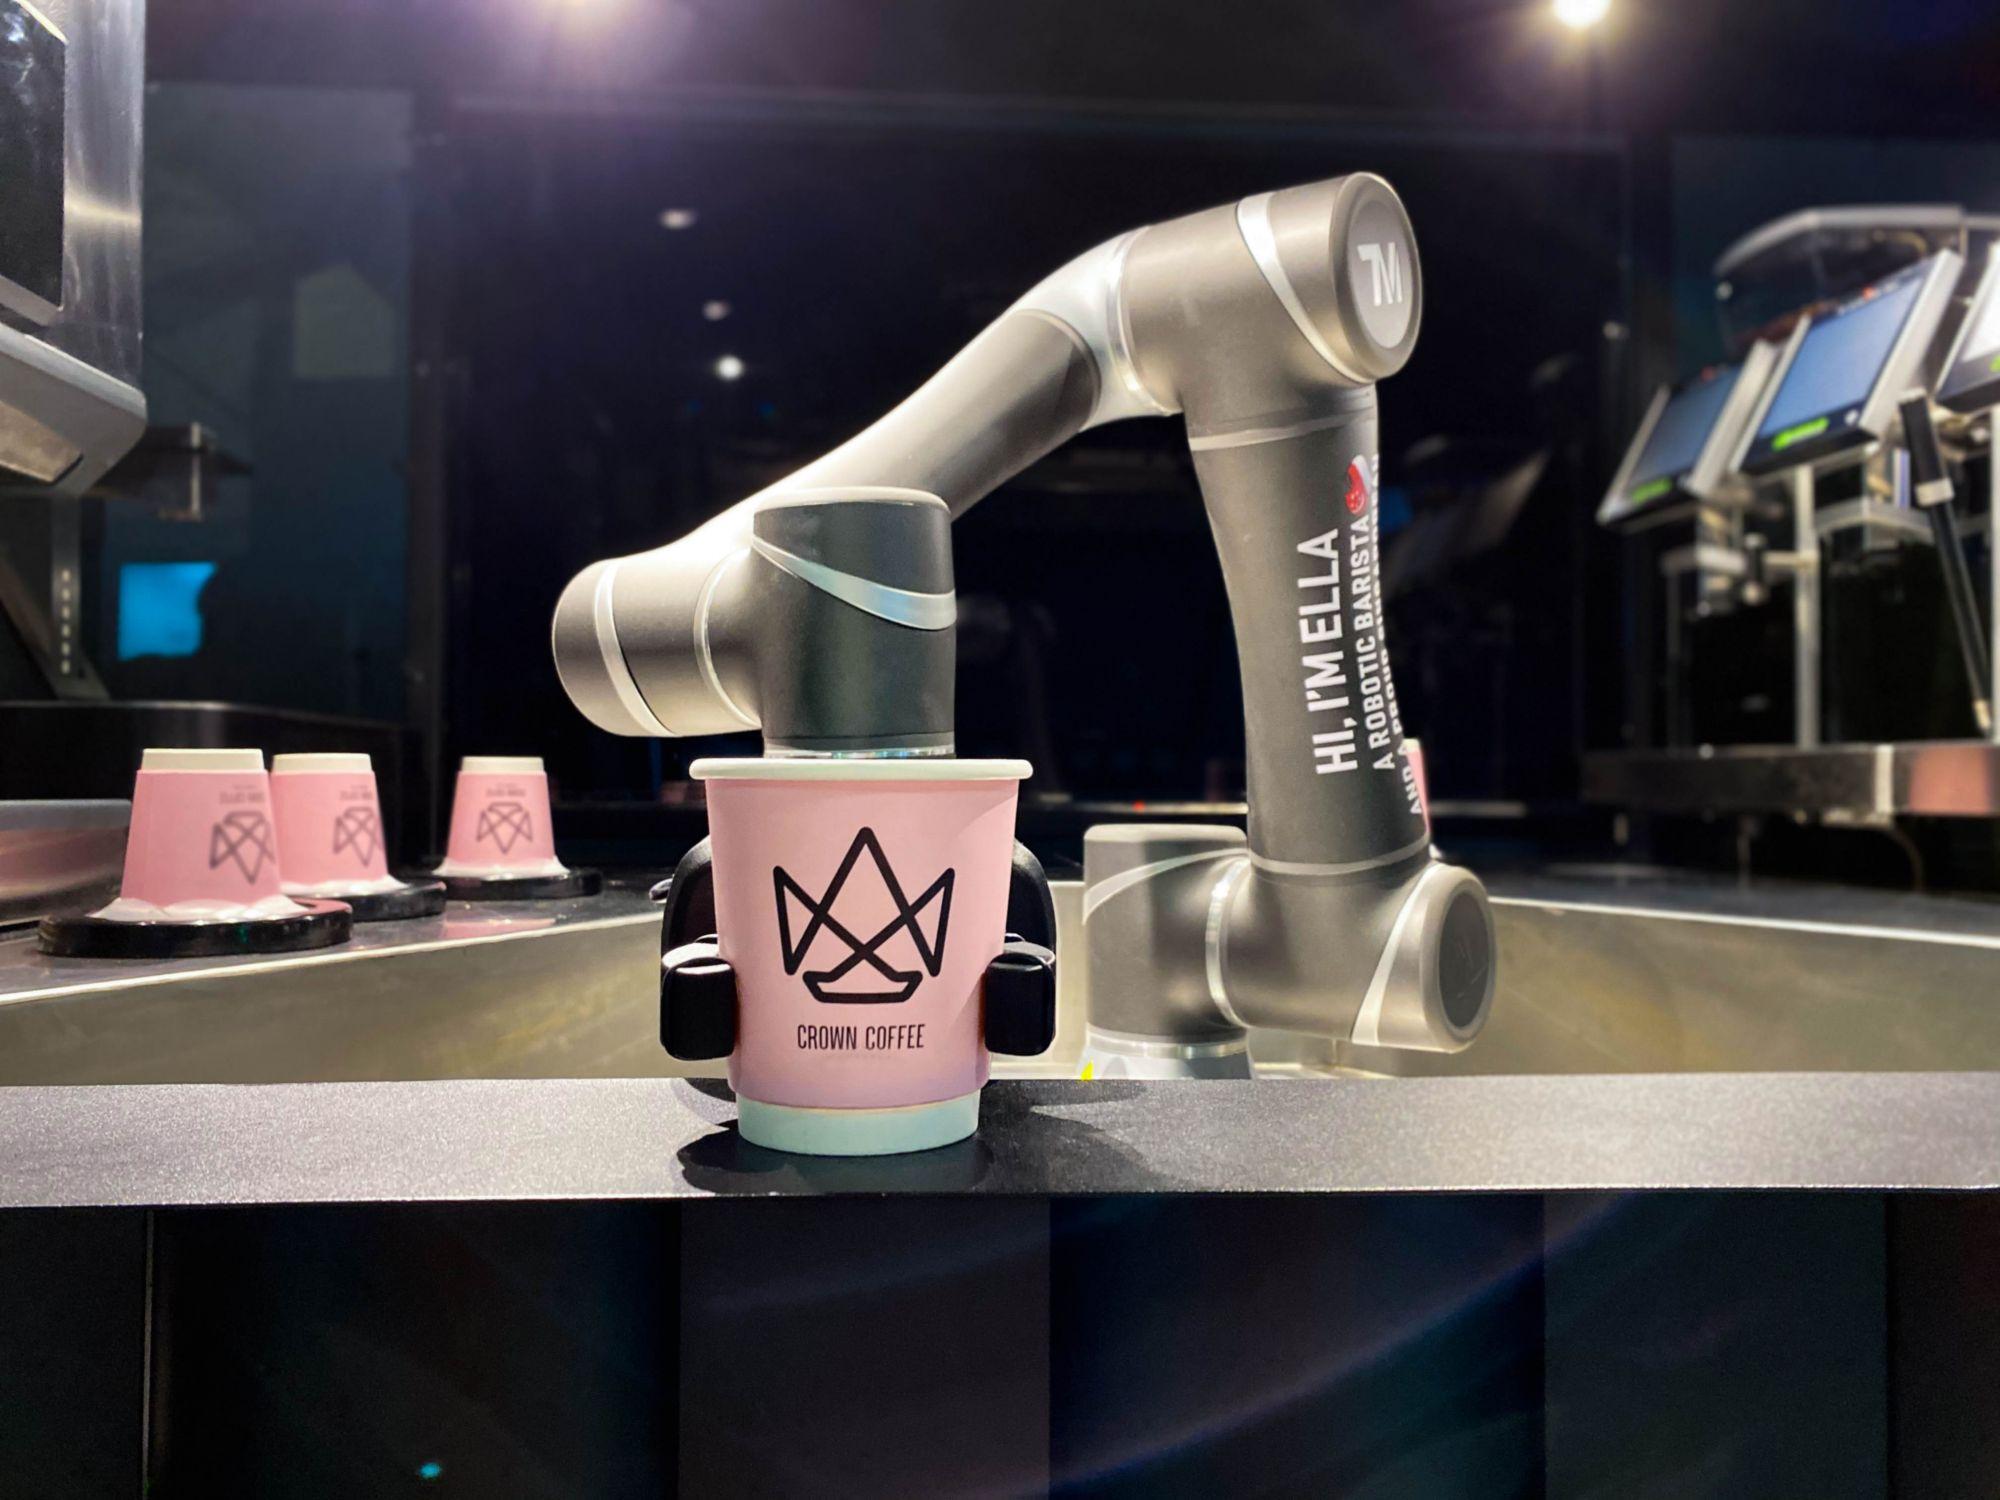 Aparat de cafea robotizat înlocuitor pentru barista